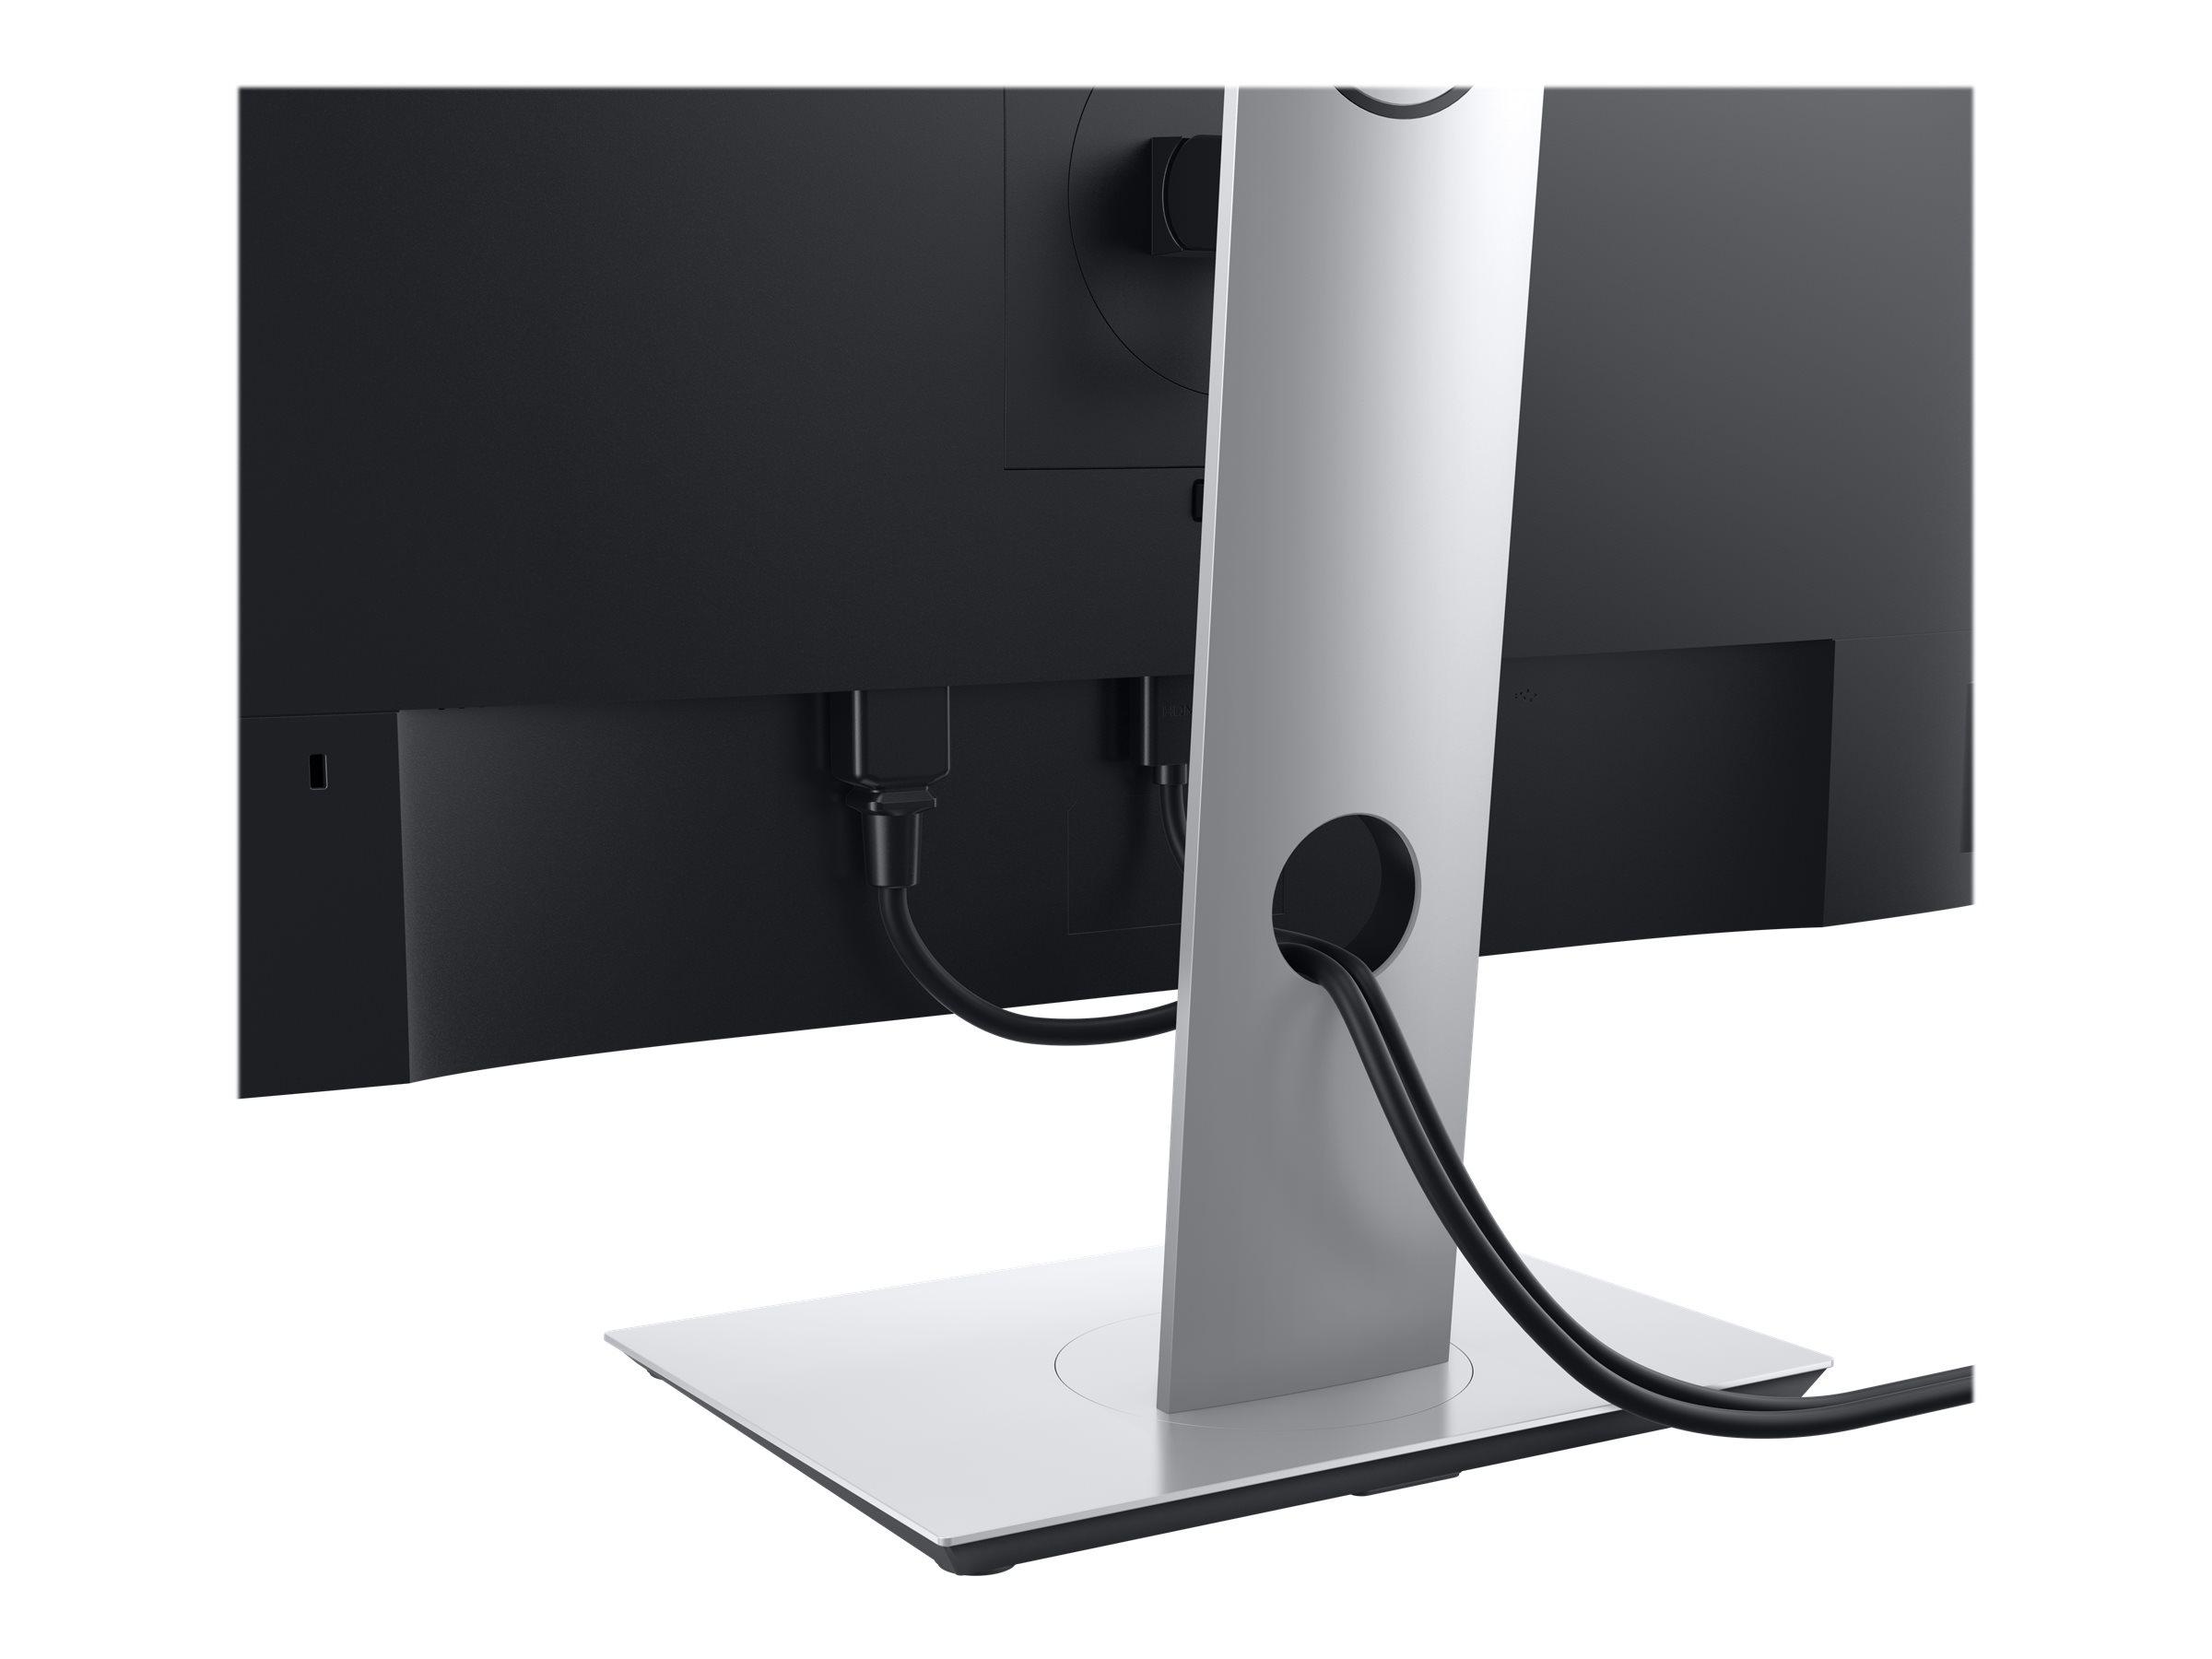 """Image de Dell P2719H - Écran LED - 27"""" (27"""" visualisable) - 1920 x 1080 Full HD (1080p) @ 60 Hz - IPS - 300 cd/m² - 1000:1 - 5 ms - HDMI, VGA, DisplayPort - avec 3 ans de Advanced Exchange Service et Premium Panel Guarantee - pour Latitude 7400 2-in-1; XPS 13 9380, 15 9570"""